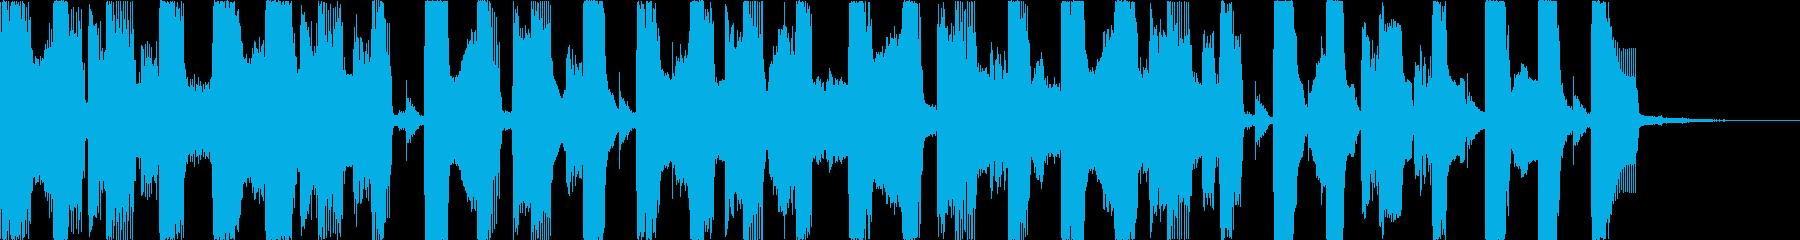 8bit、ファミコンサウンド、かわいいの再生済みの波形